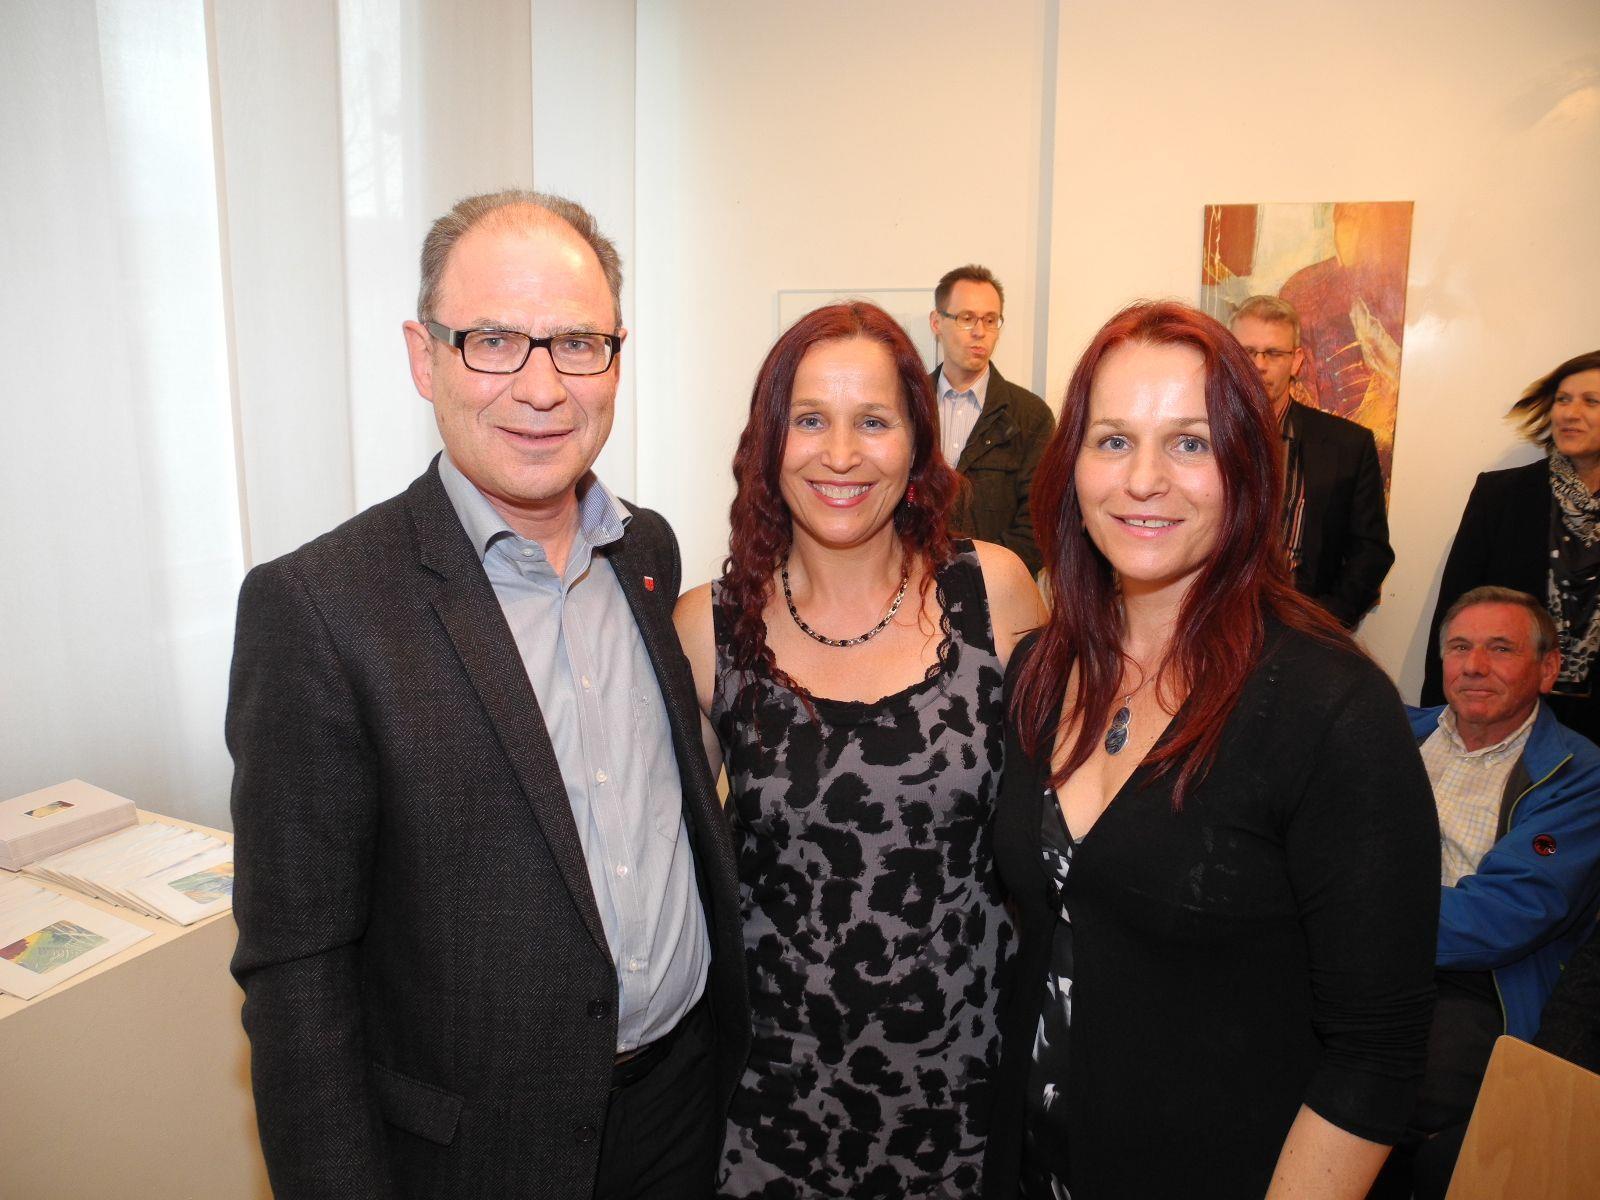 (l.) Gemeindevorsteher Ernst Büchel mit den Zwillingsschwestern Cornelia und Judit aus Nofels